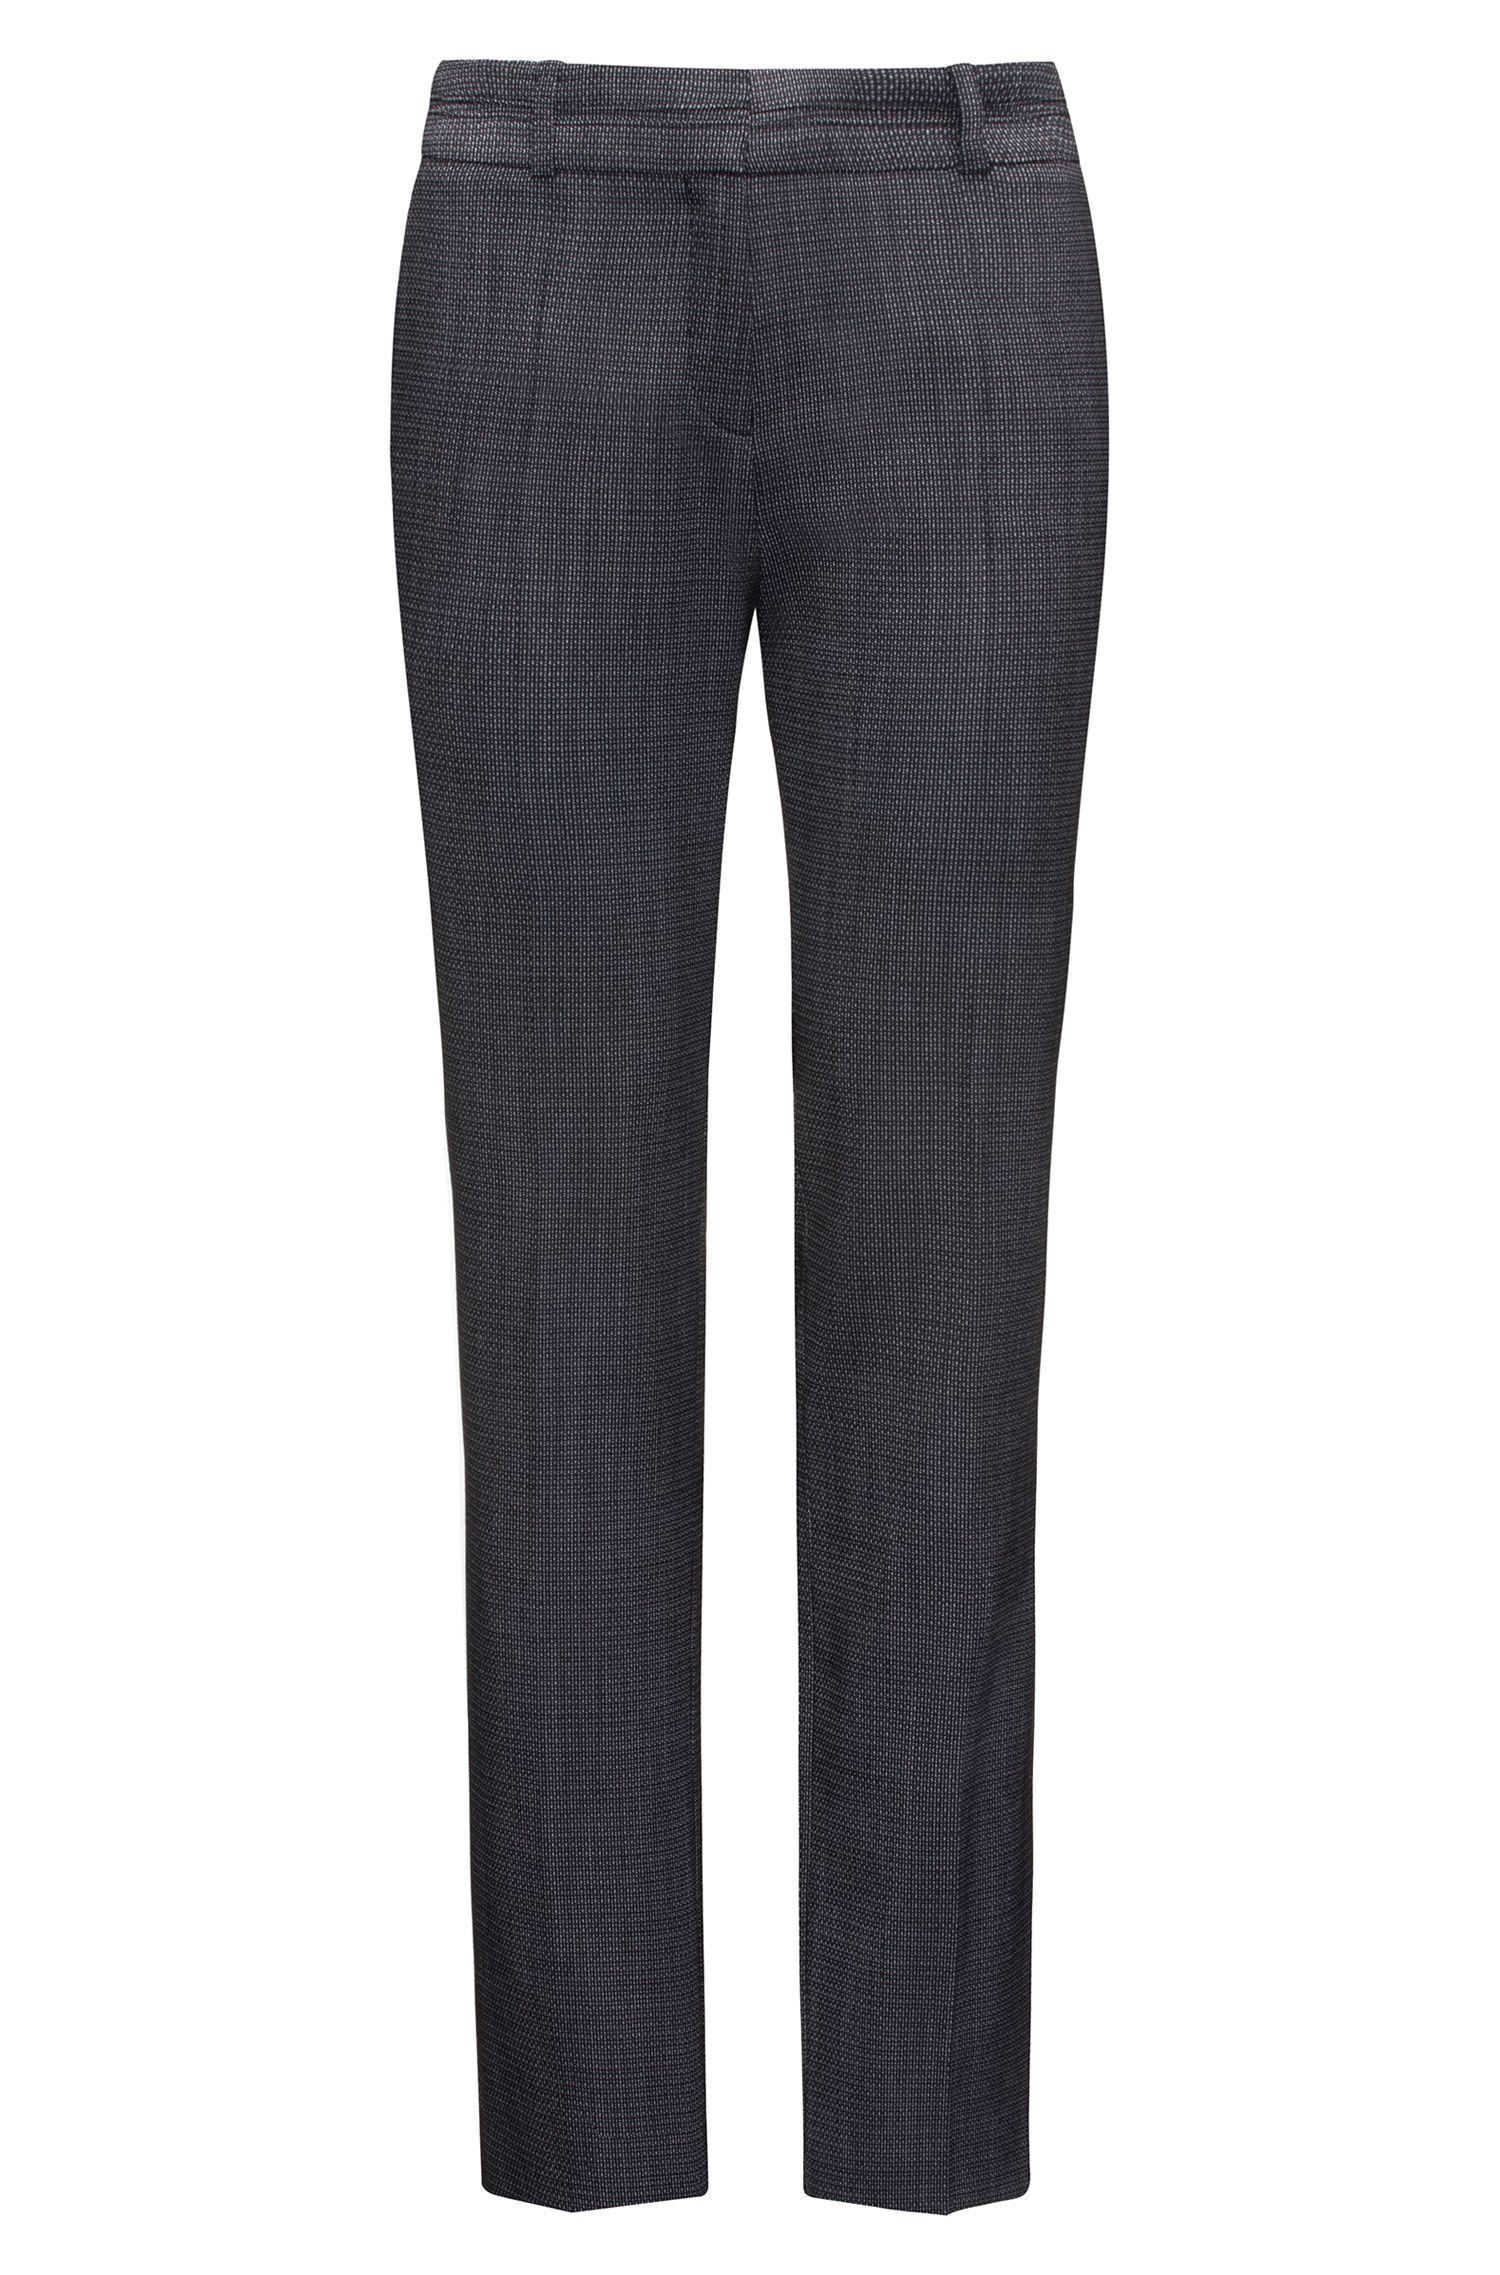 Regular-Fit Hose aus strukturierter Wolle mit Elasthan-Anteil